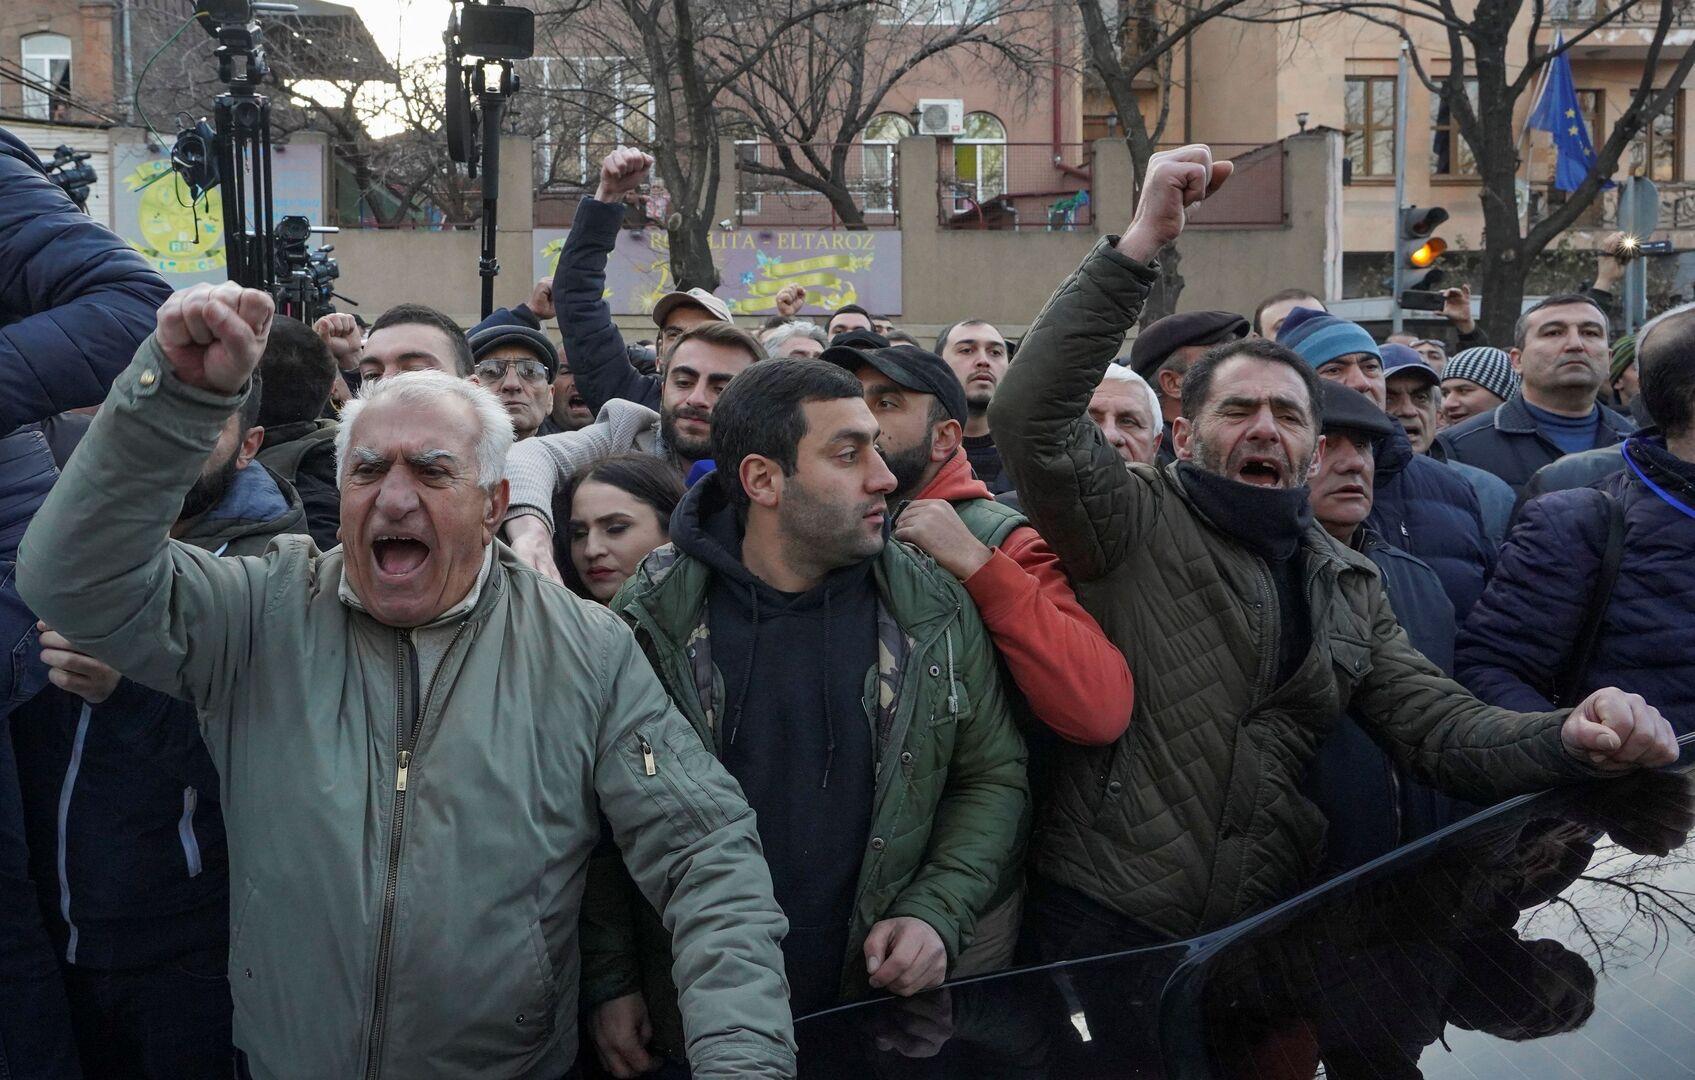 إجراءات أمنية مشددة في يريفان وتواصل الاحتجاجات المطالبة باستقالة باشينيان